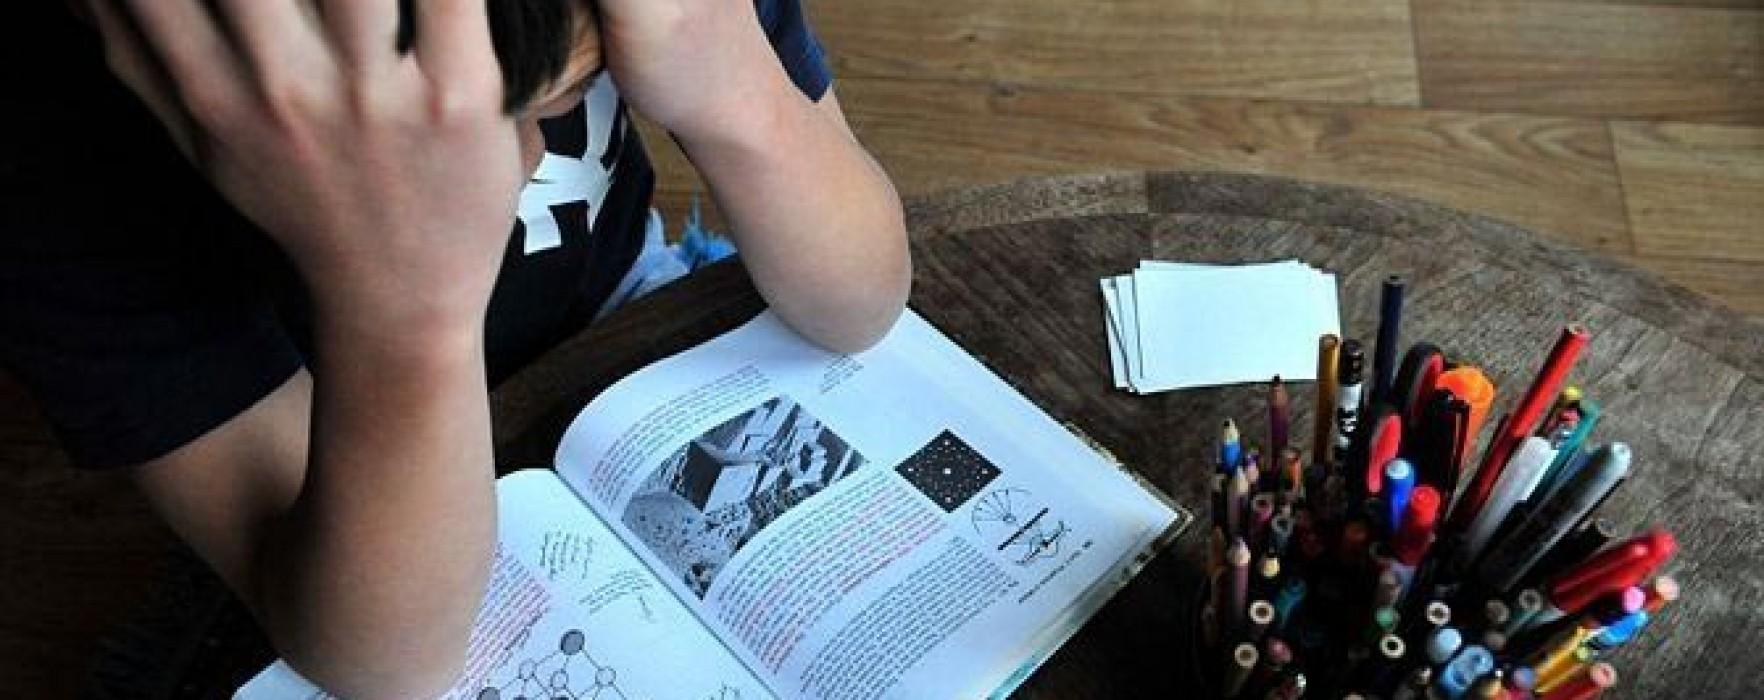 Hyperici: Sfaturi pentru îmbunătăţirea memoriei şi concentrării